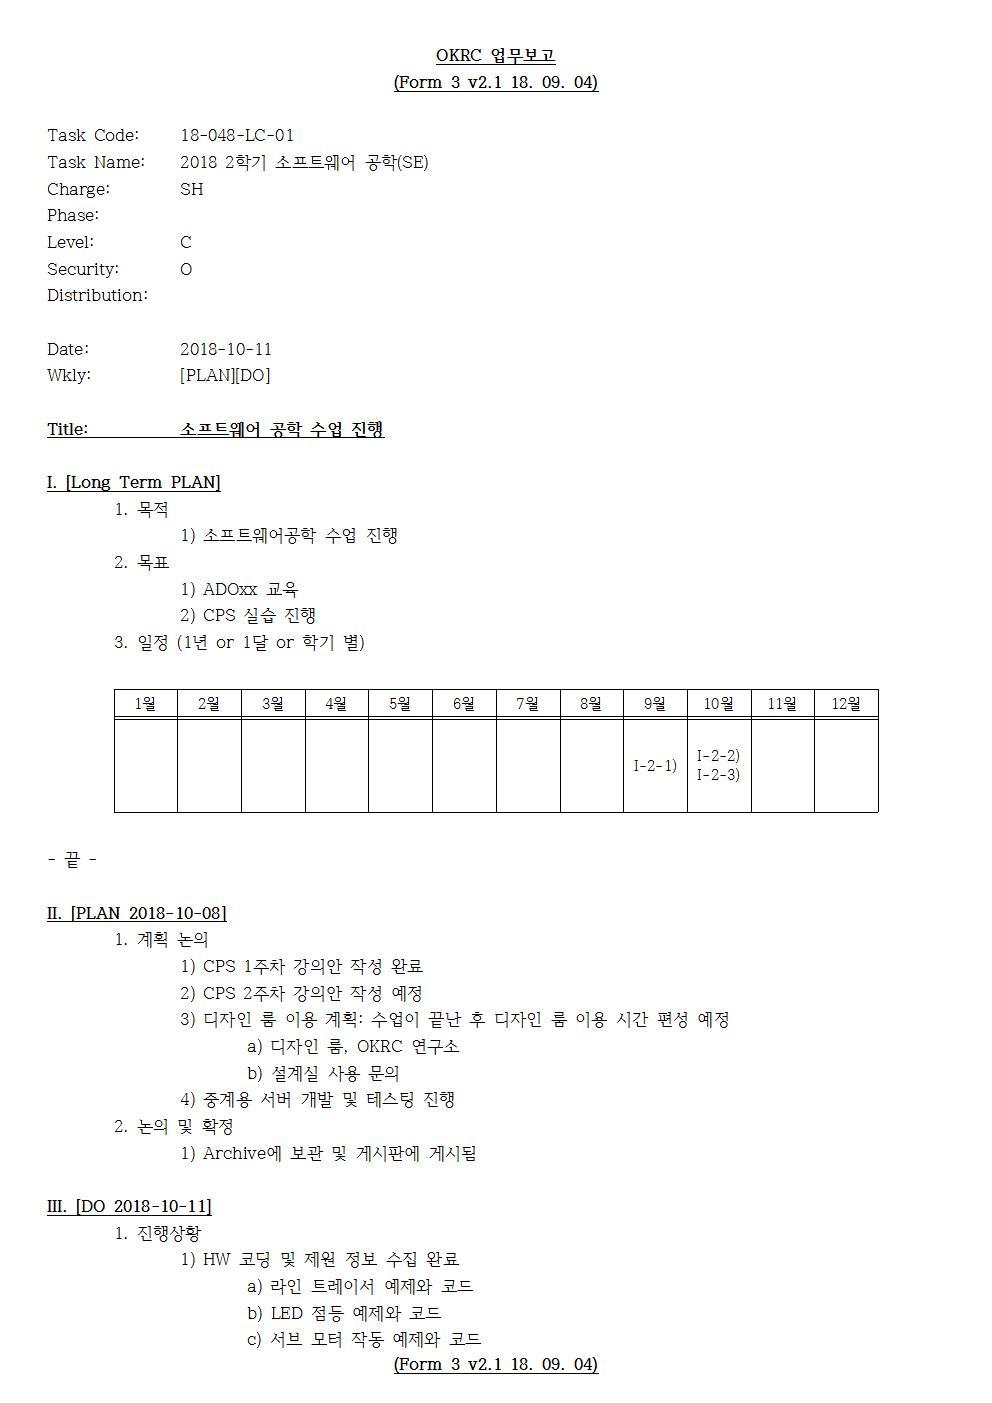 D-[18-048-LC-01]-[SE]-[2018-10-11][SH]001.jpg